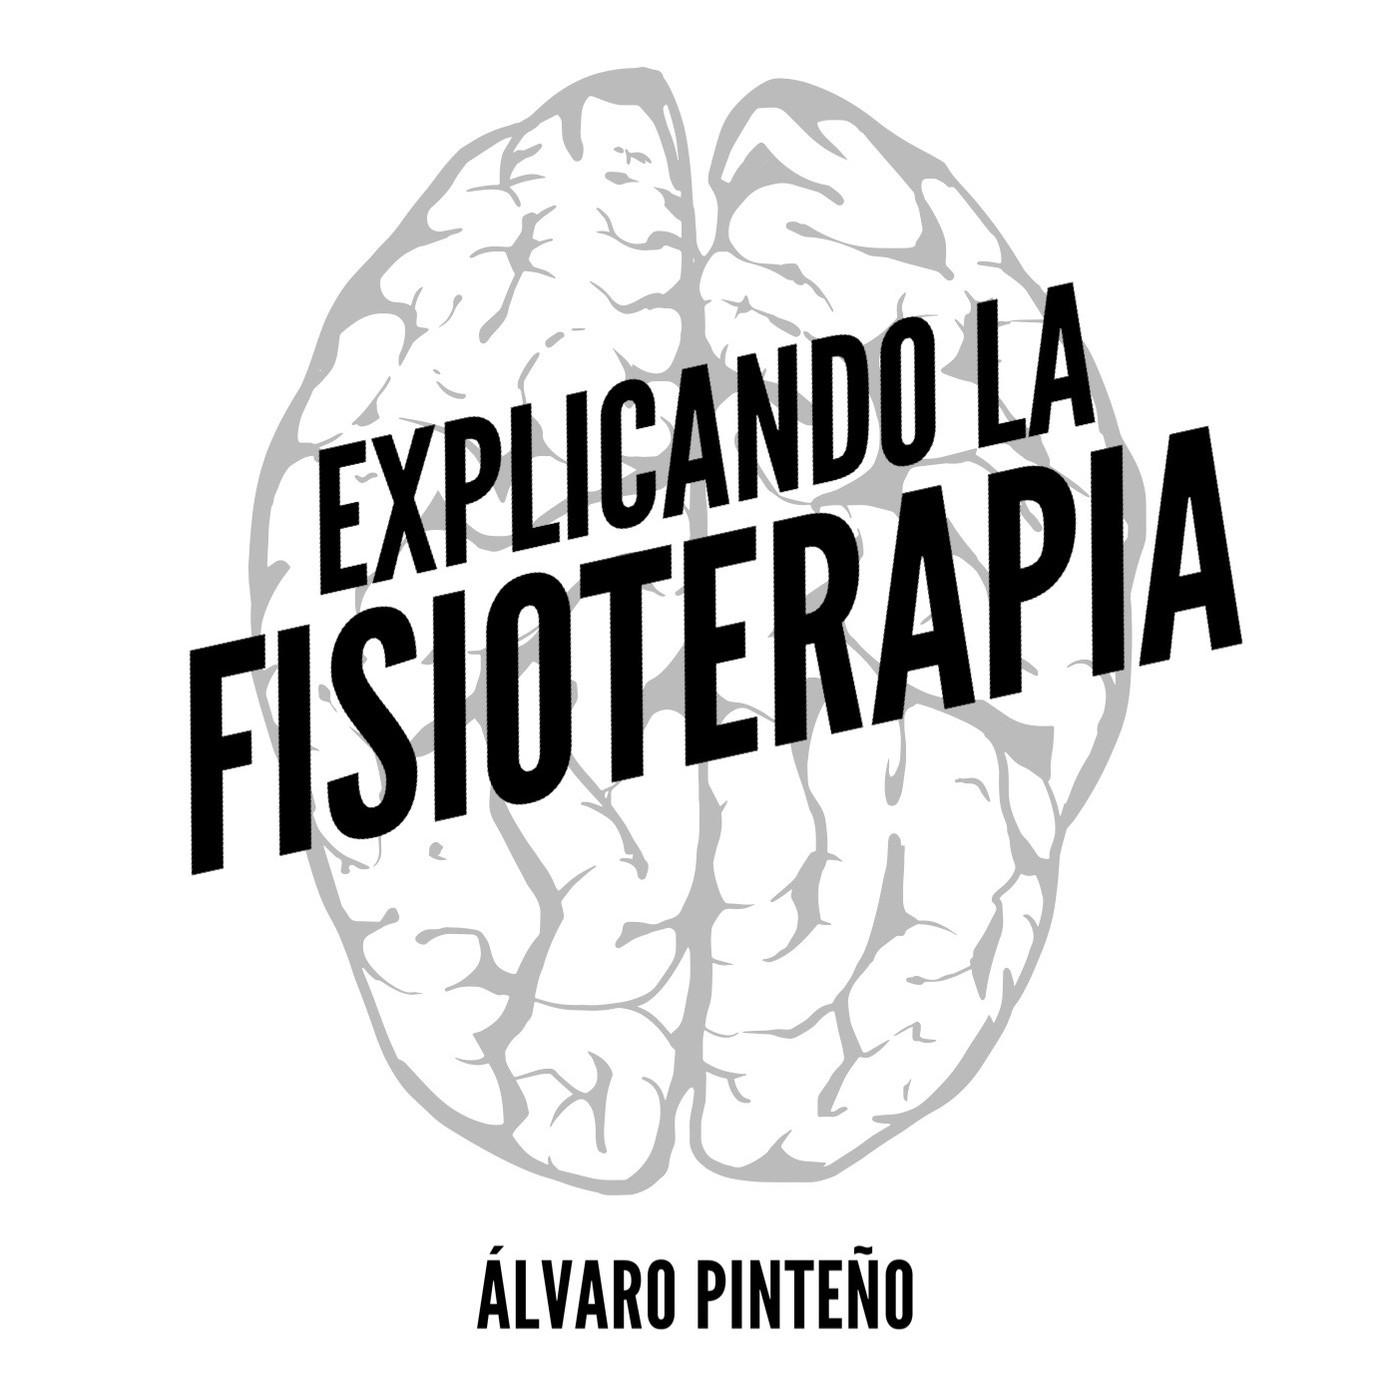 EXPLICANDO LA FISIOTERAPIA